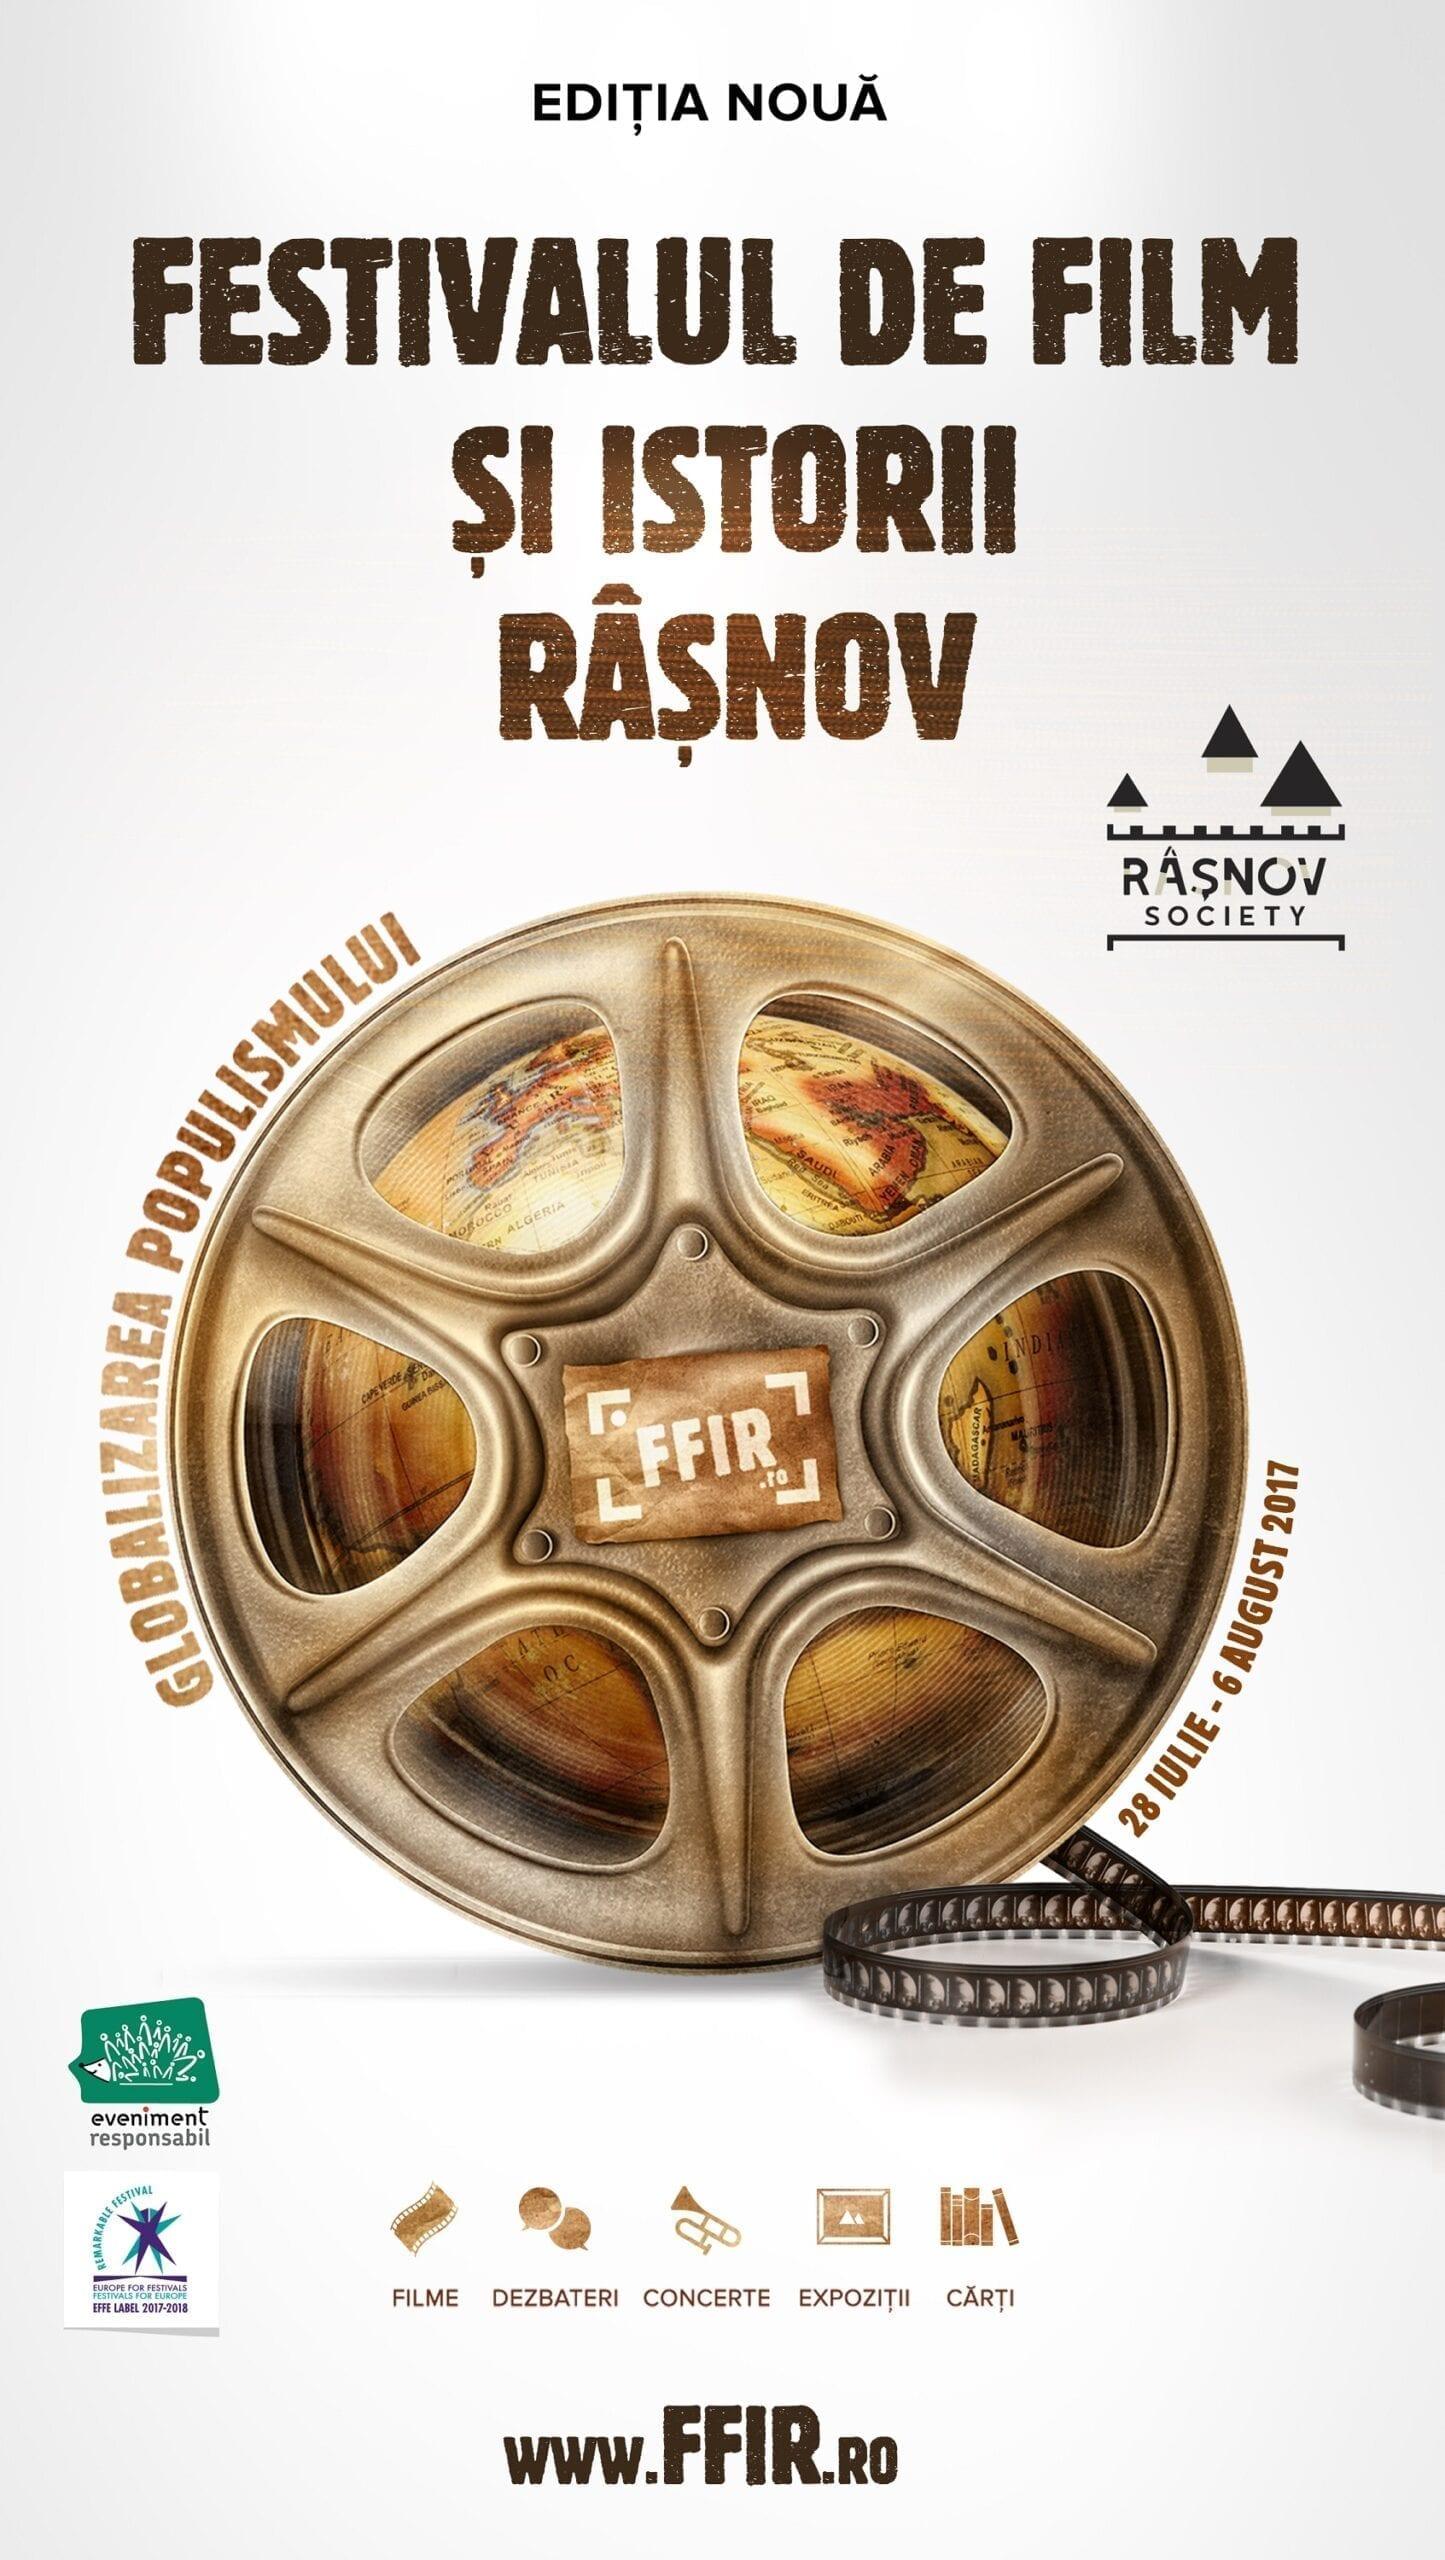 Festivalul de Film și Istorii Râşnov 2017